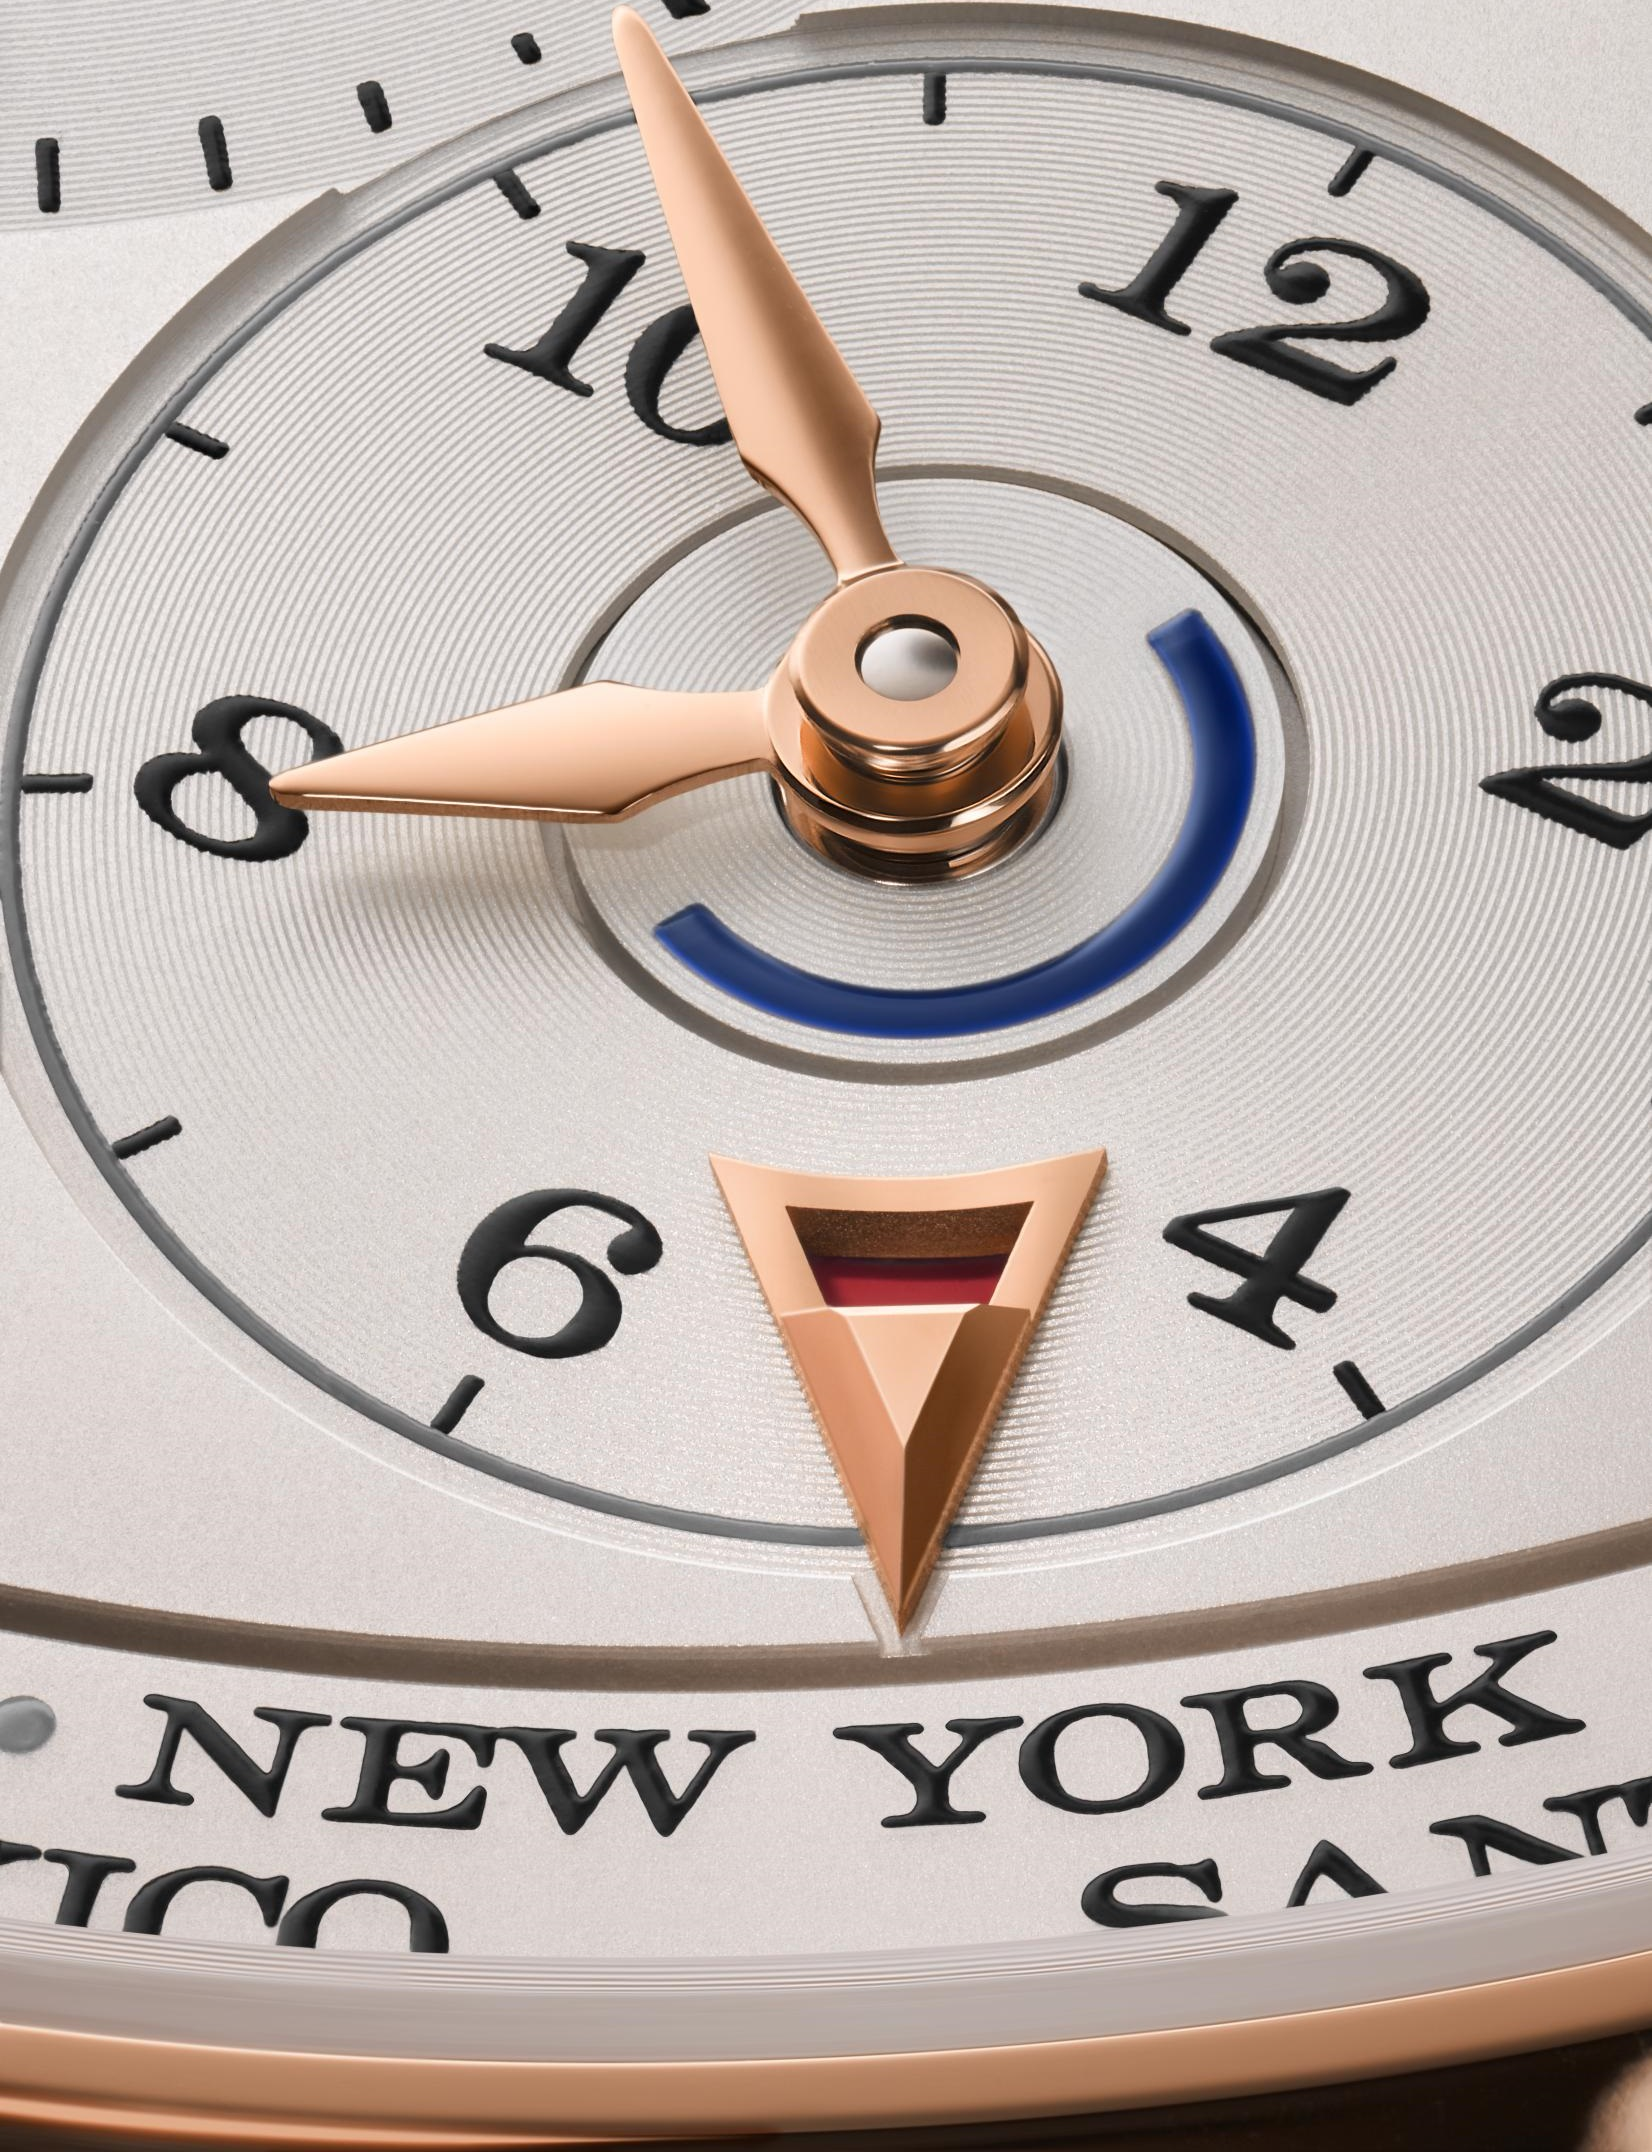 a lange sohne lange 1 timezone daylight-saving indication